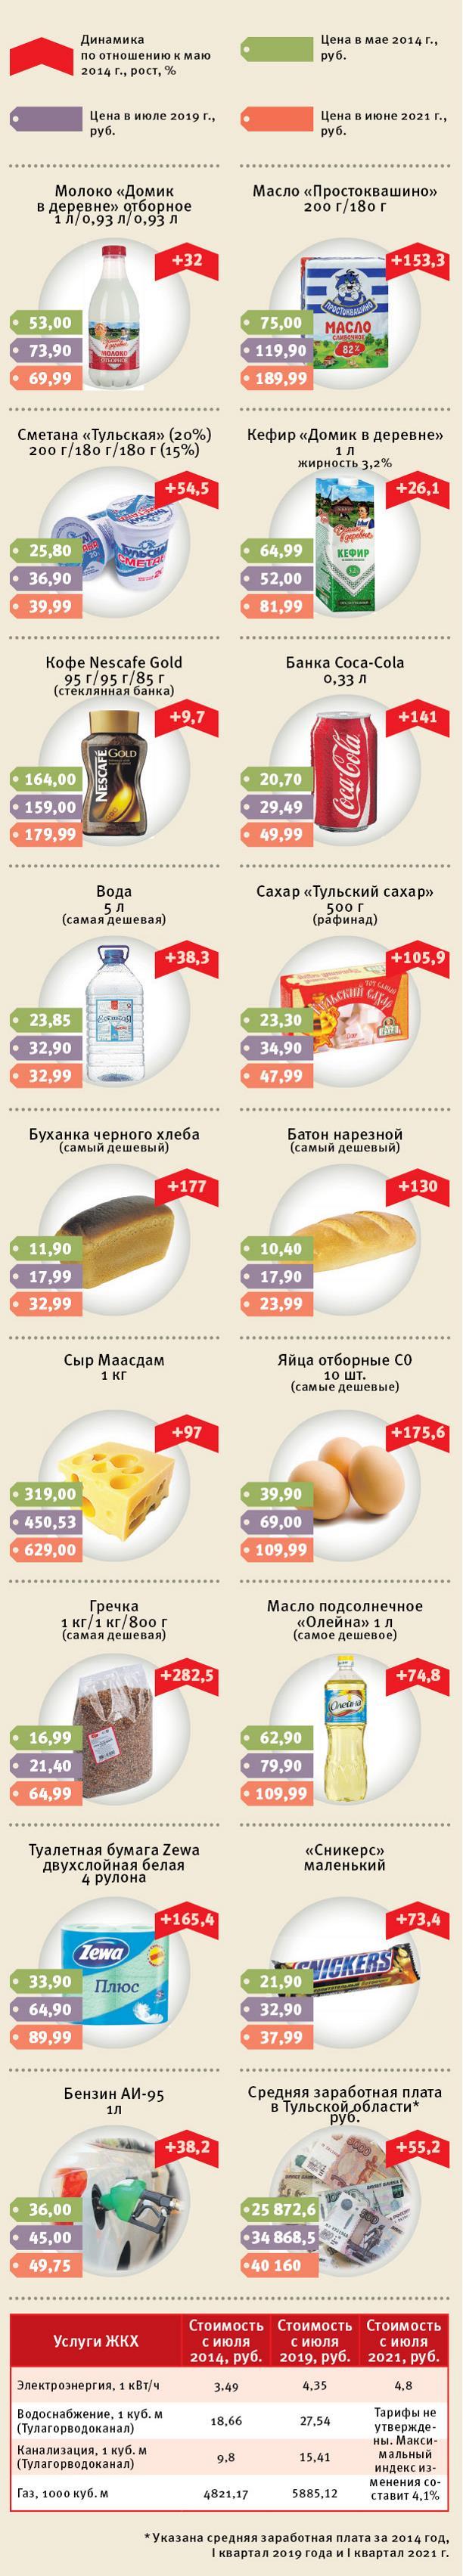 Как росли цены на продукты в Туле в последние 7 лет: инфографика Myslo